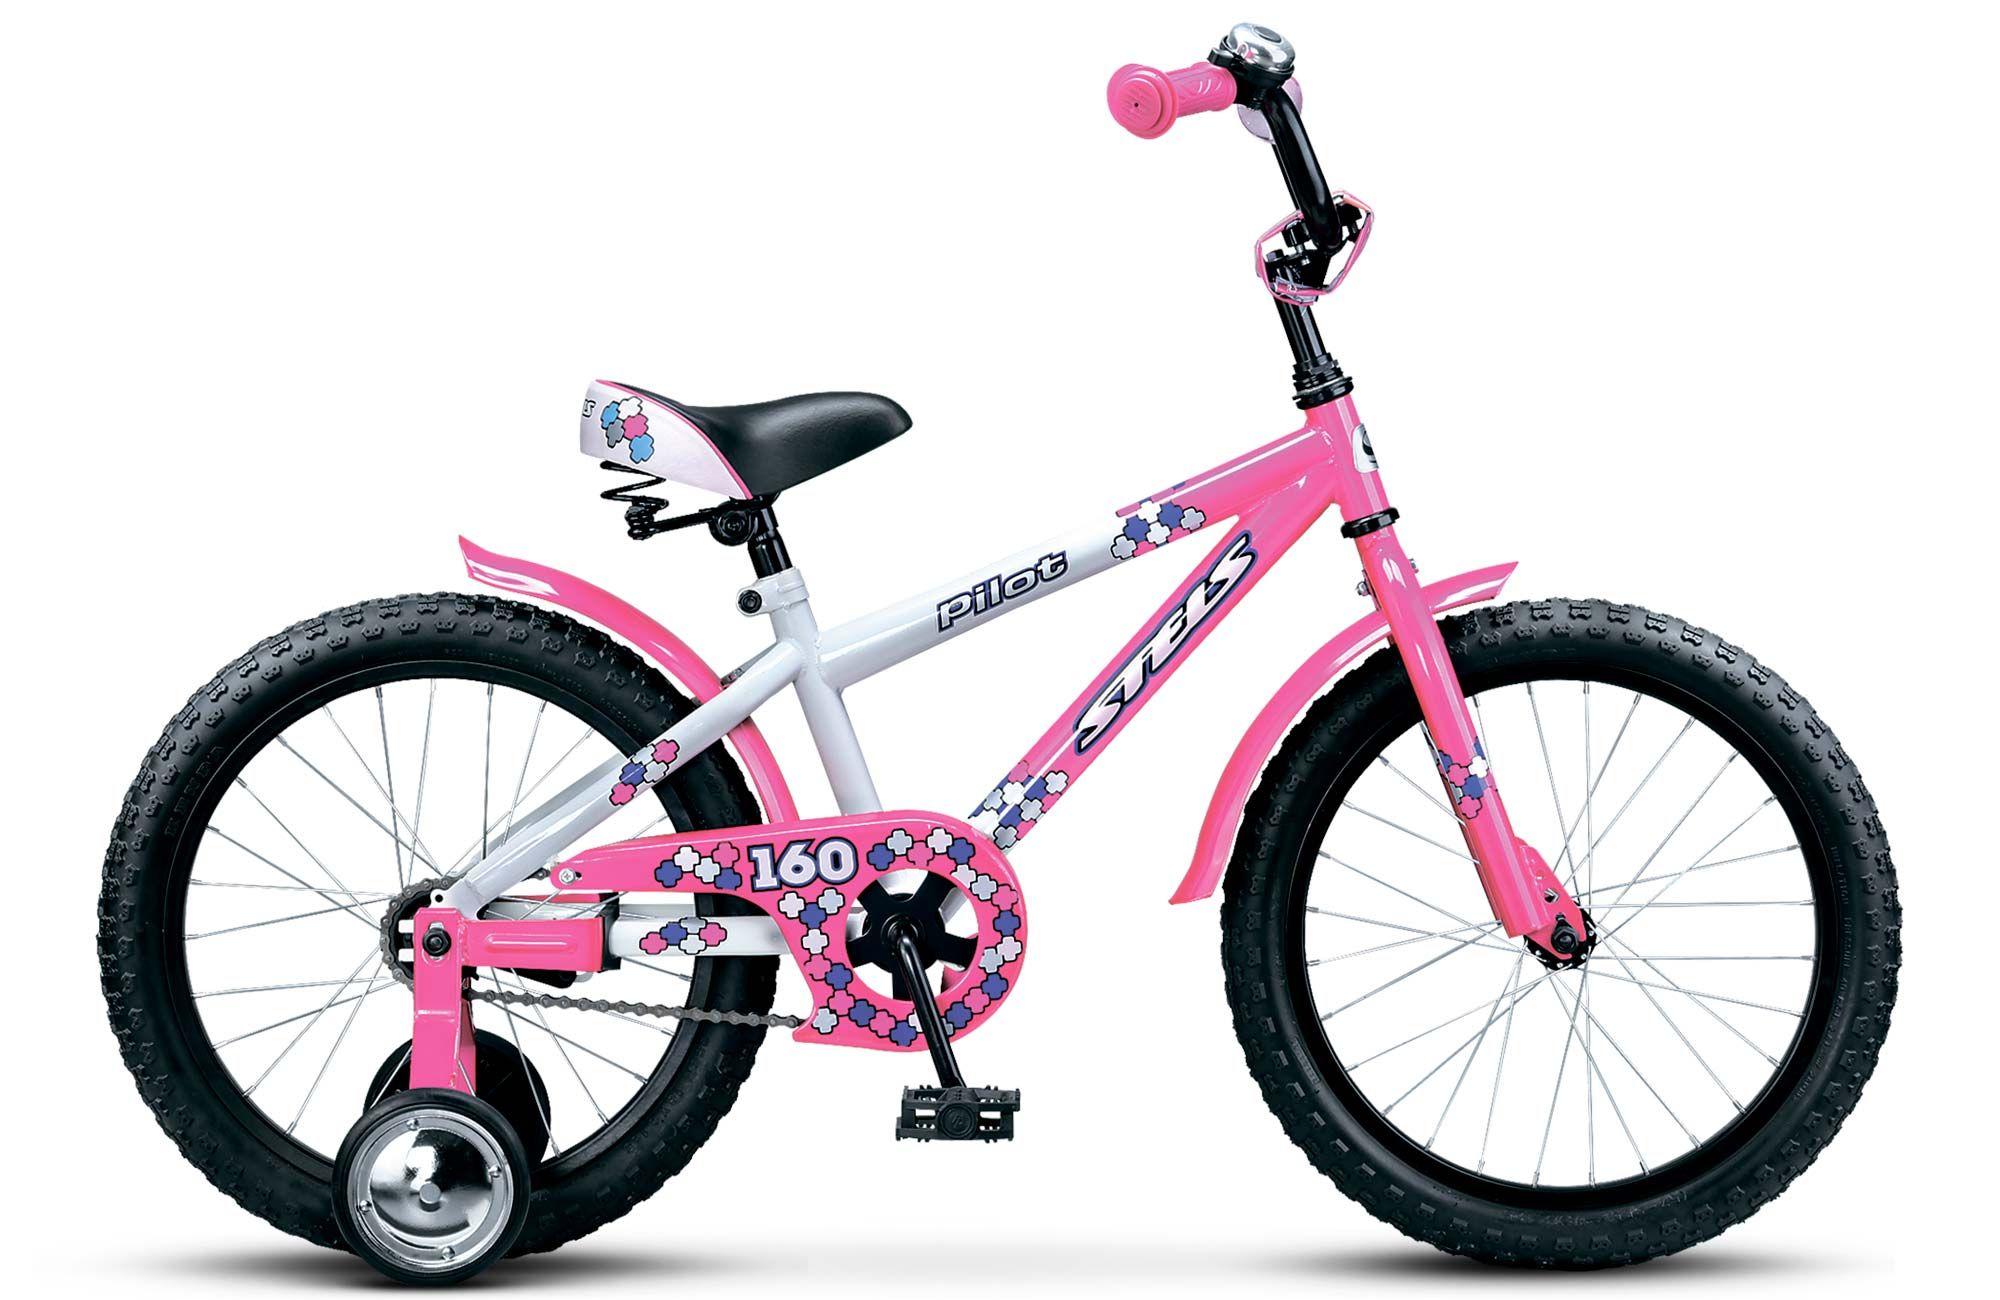 Велосипед Stels Pilot 160 18 2016